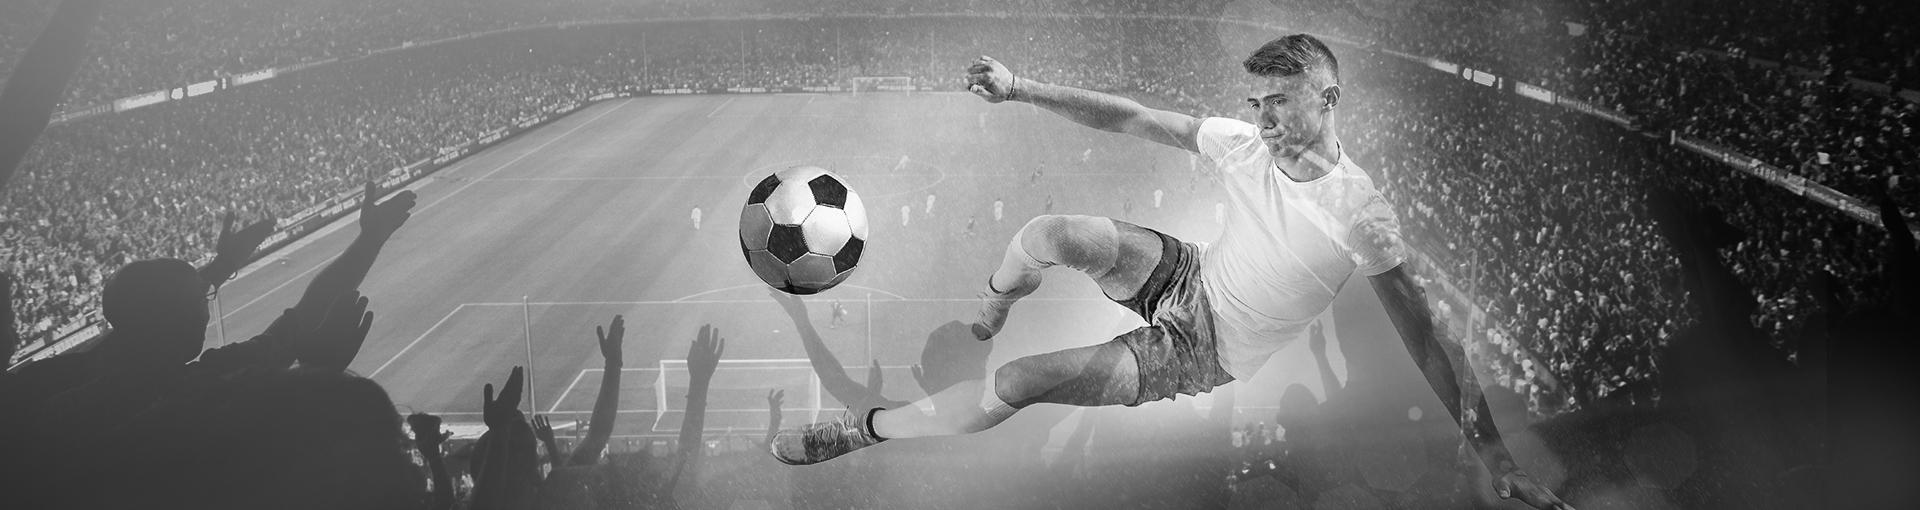 Fussball Wetten Anbieter